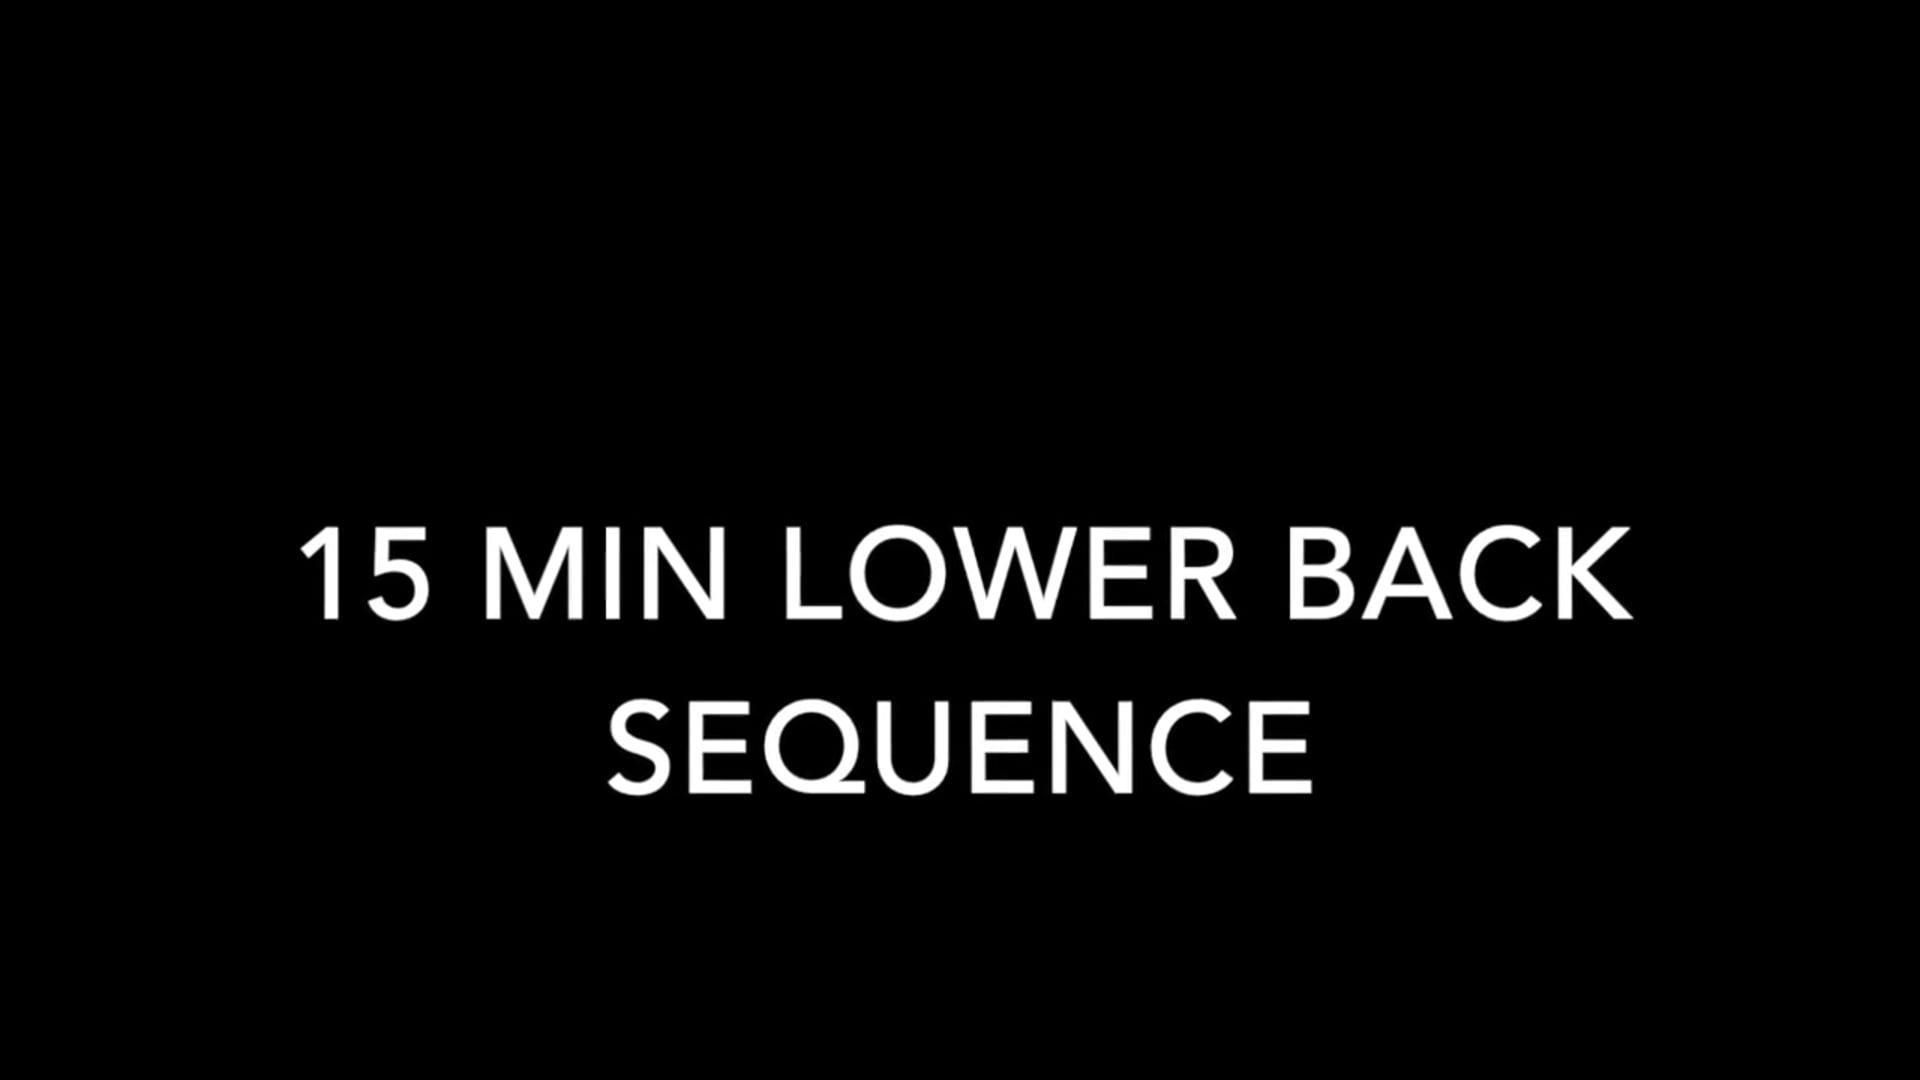 15 Min Lower Back